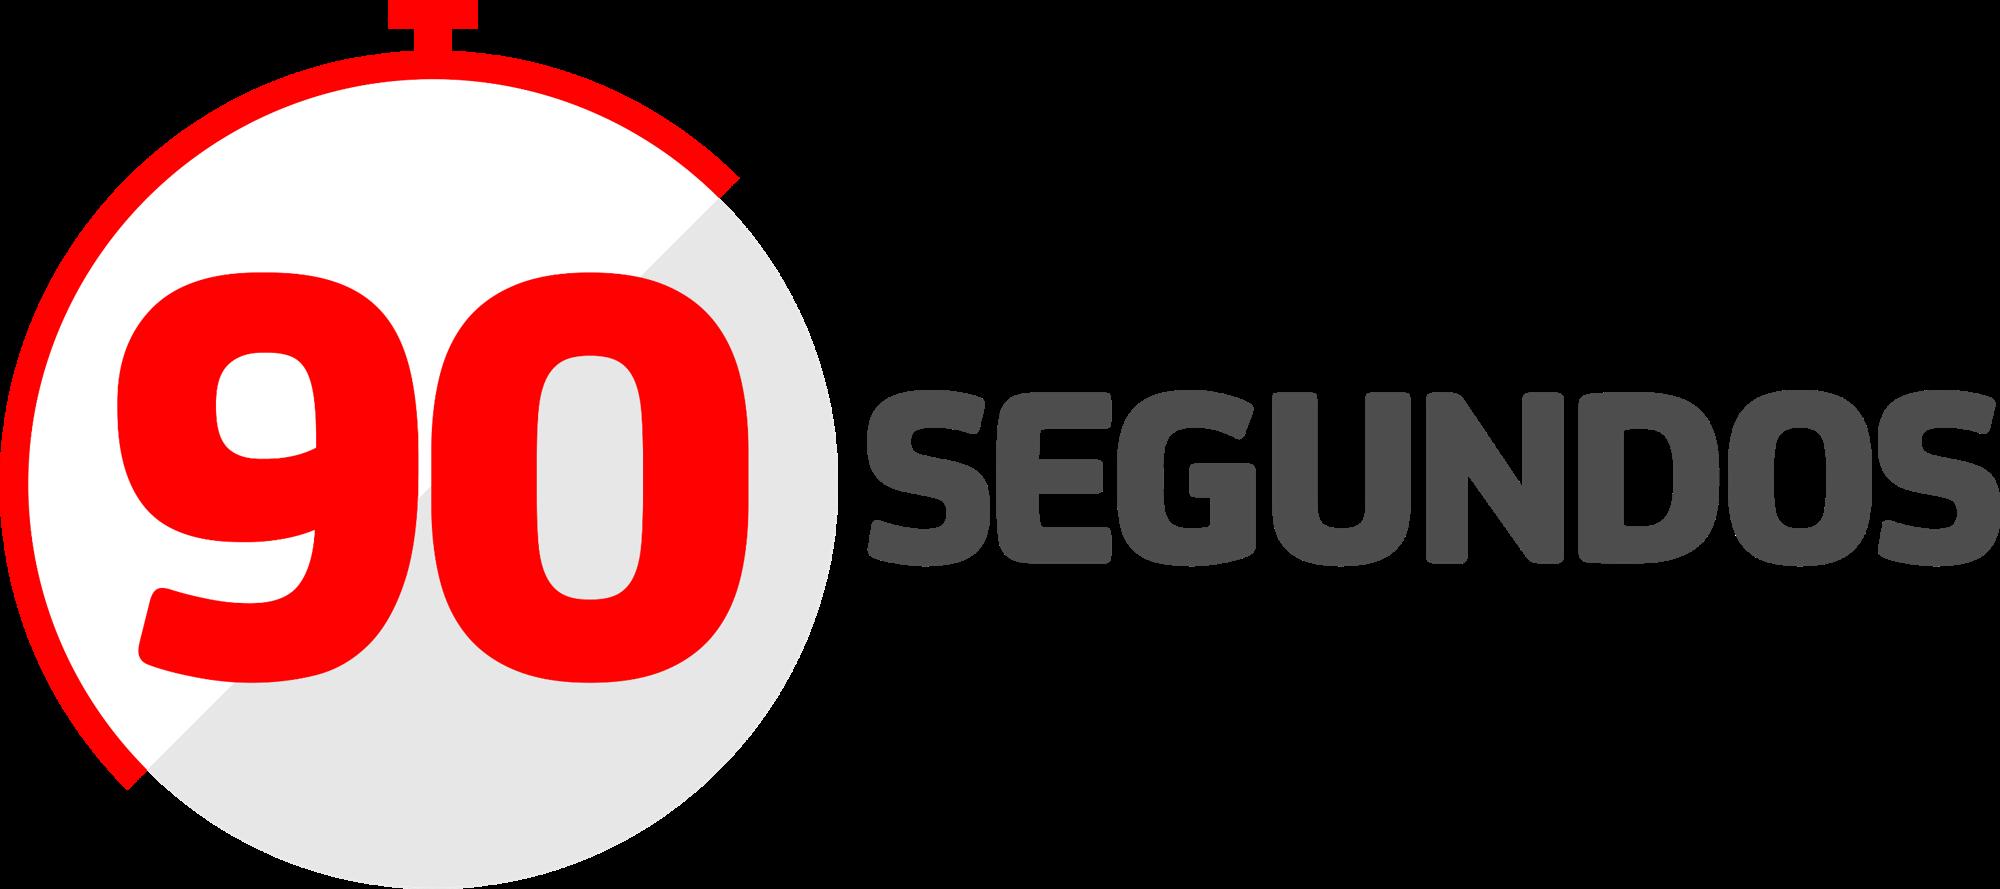 90 Segundos (Colombia)